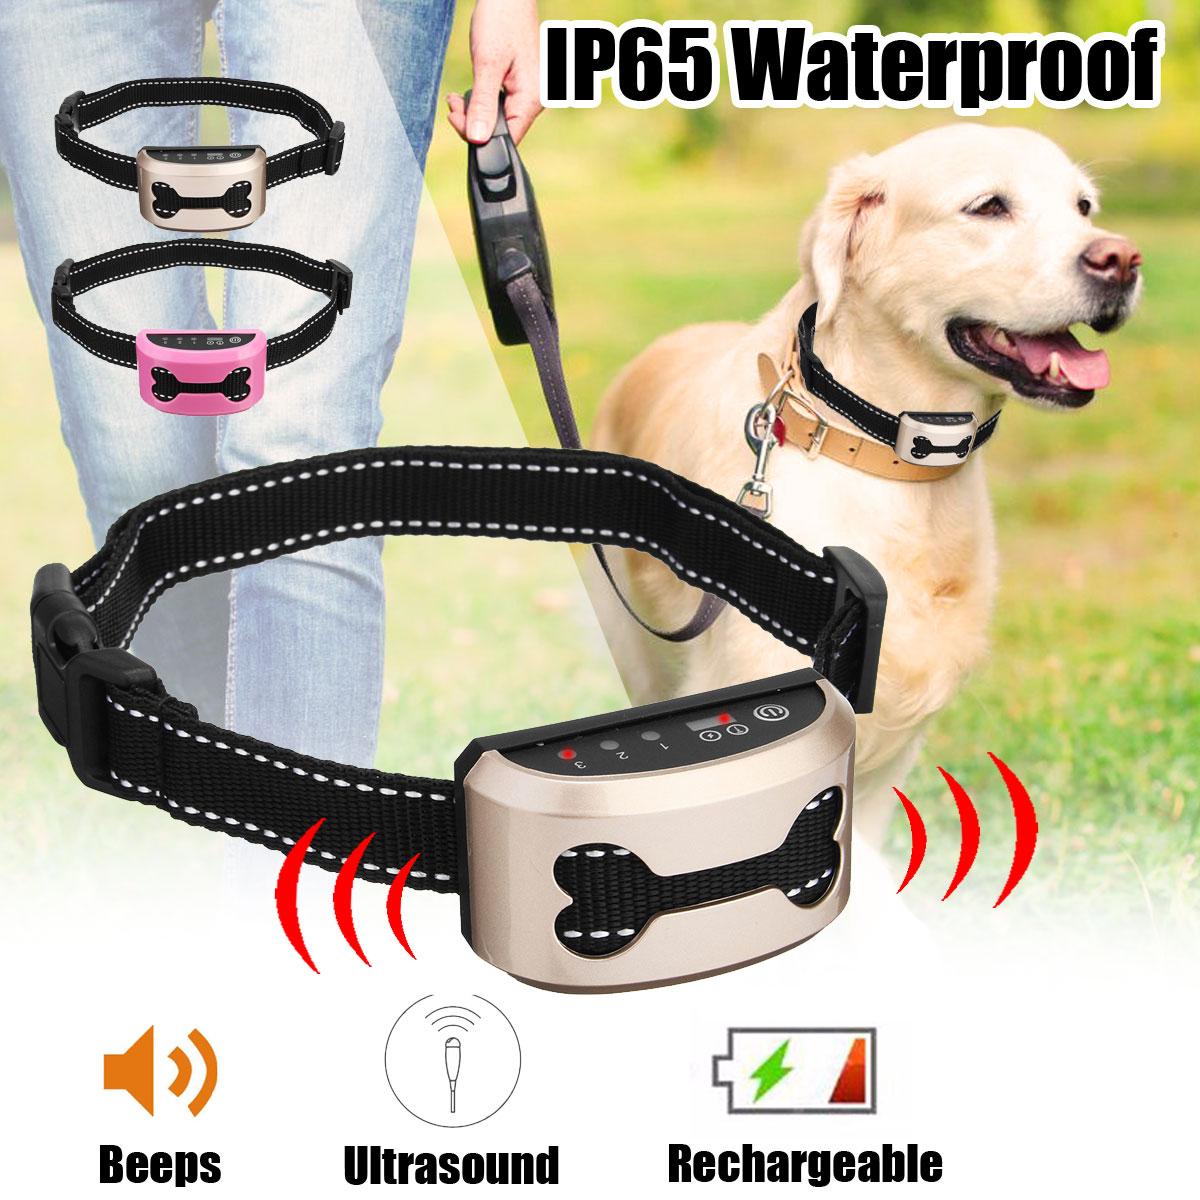 Haustier Hund Wiederaufladbare Anti Rinde Kragen Control Zug Wasserdichte Stop Bellen Hund Wasserdichte Ultraschall Training Halsbänder